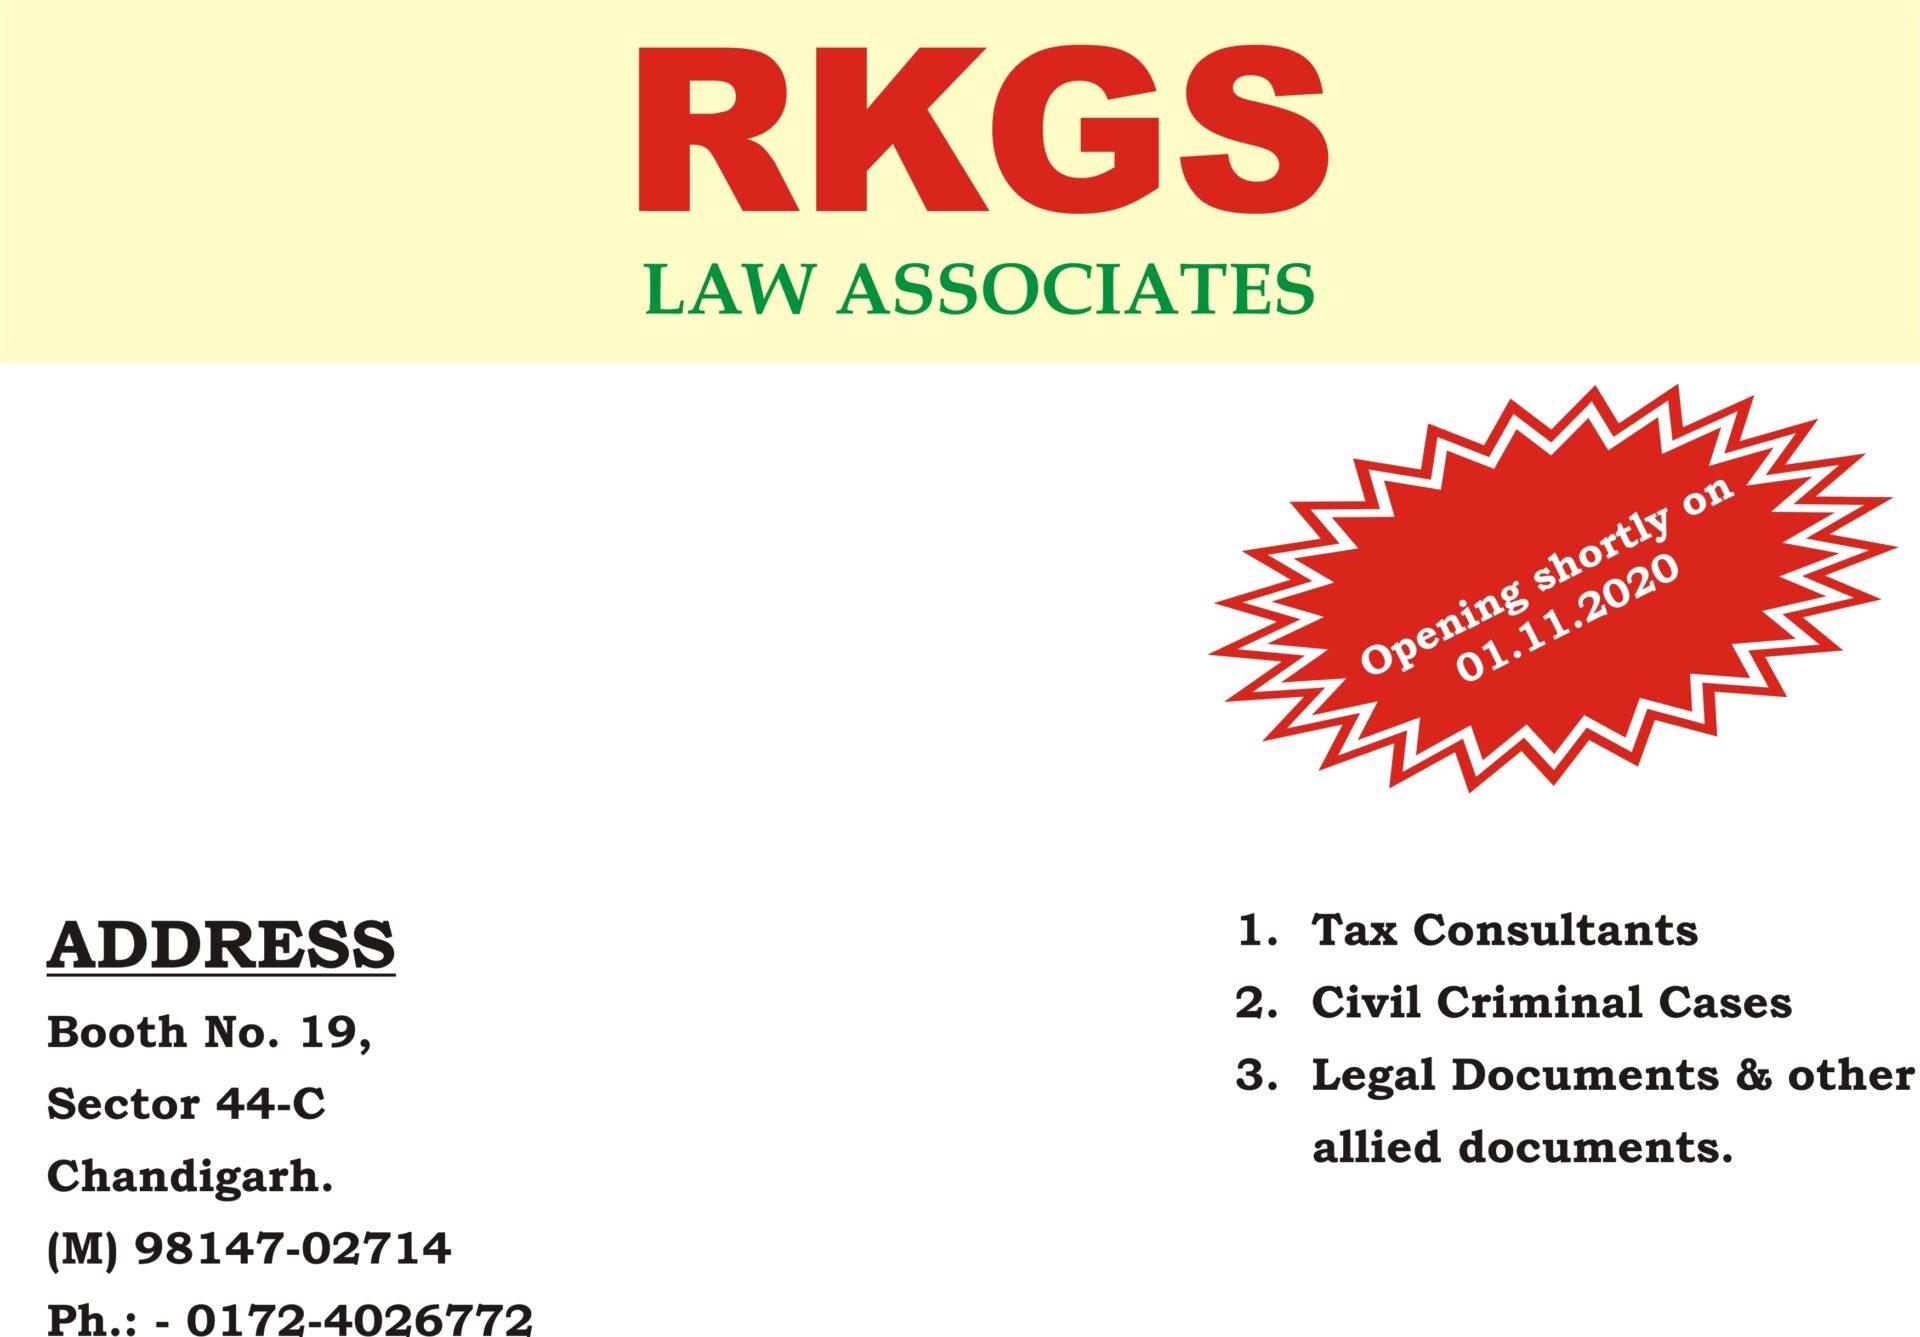 NEW BRANCH OF RKGS LAW ASSOCIATES – OPENING SOON